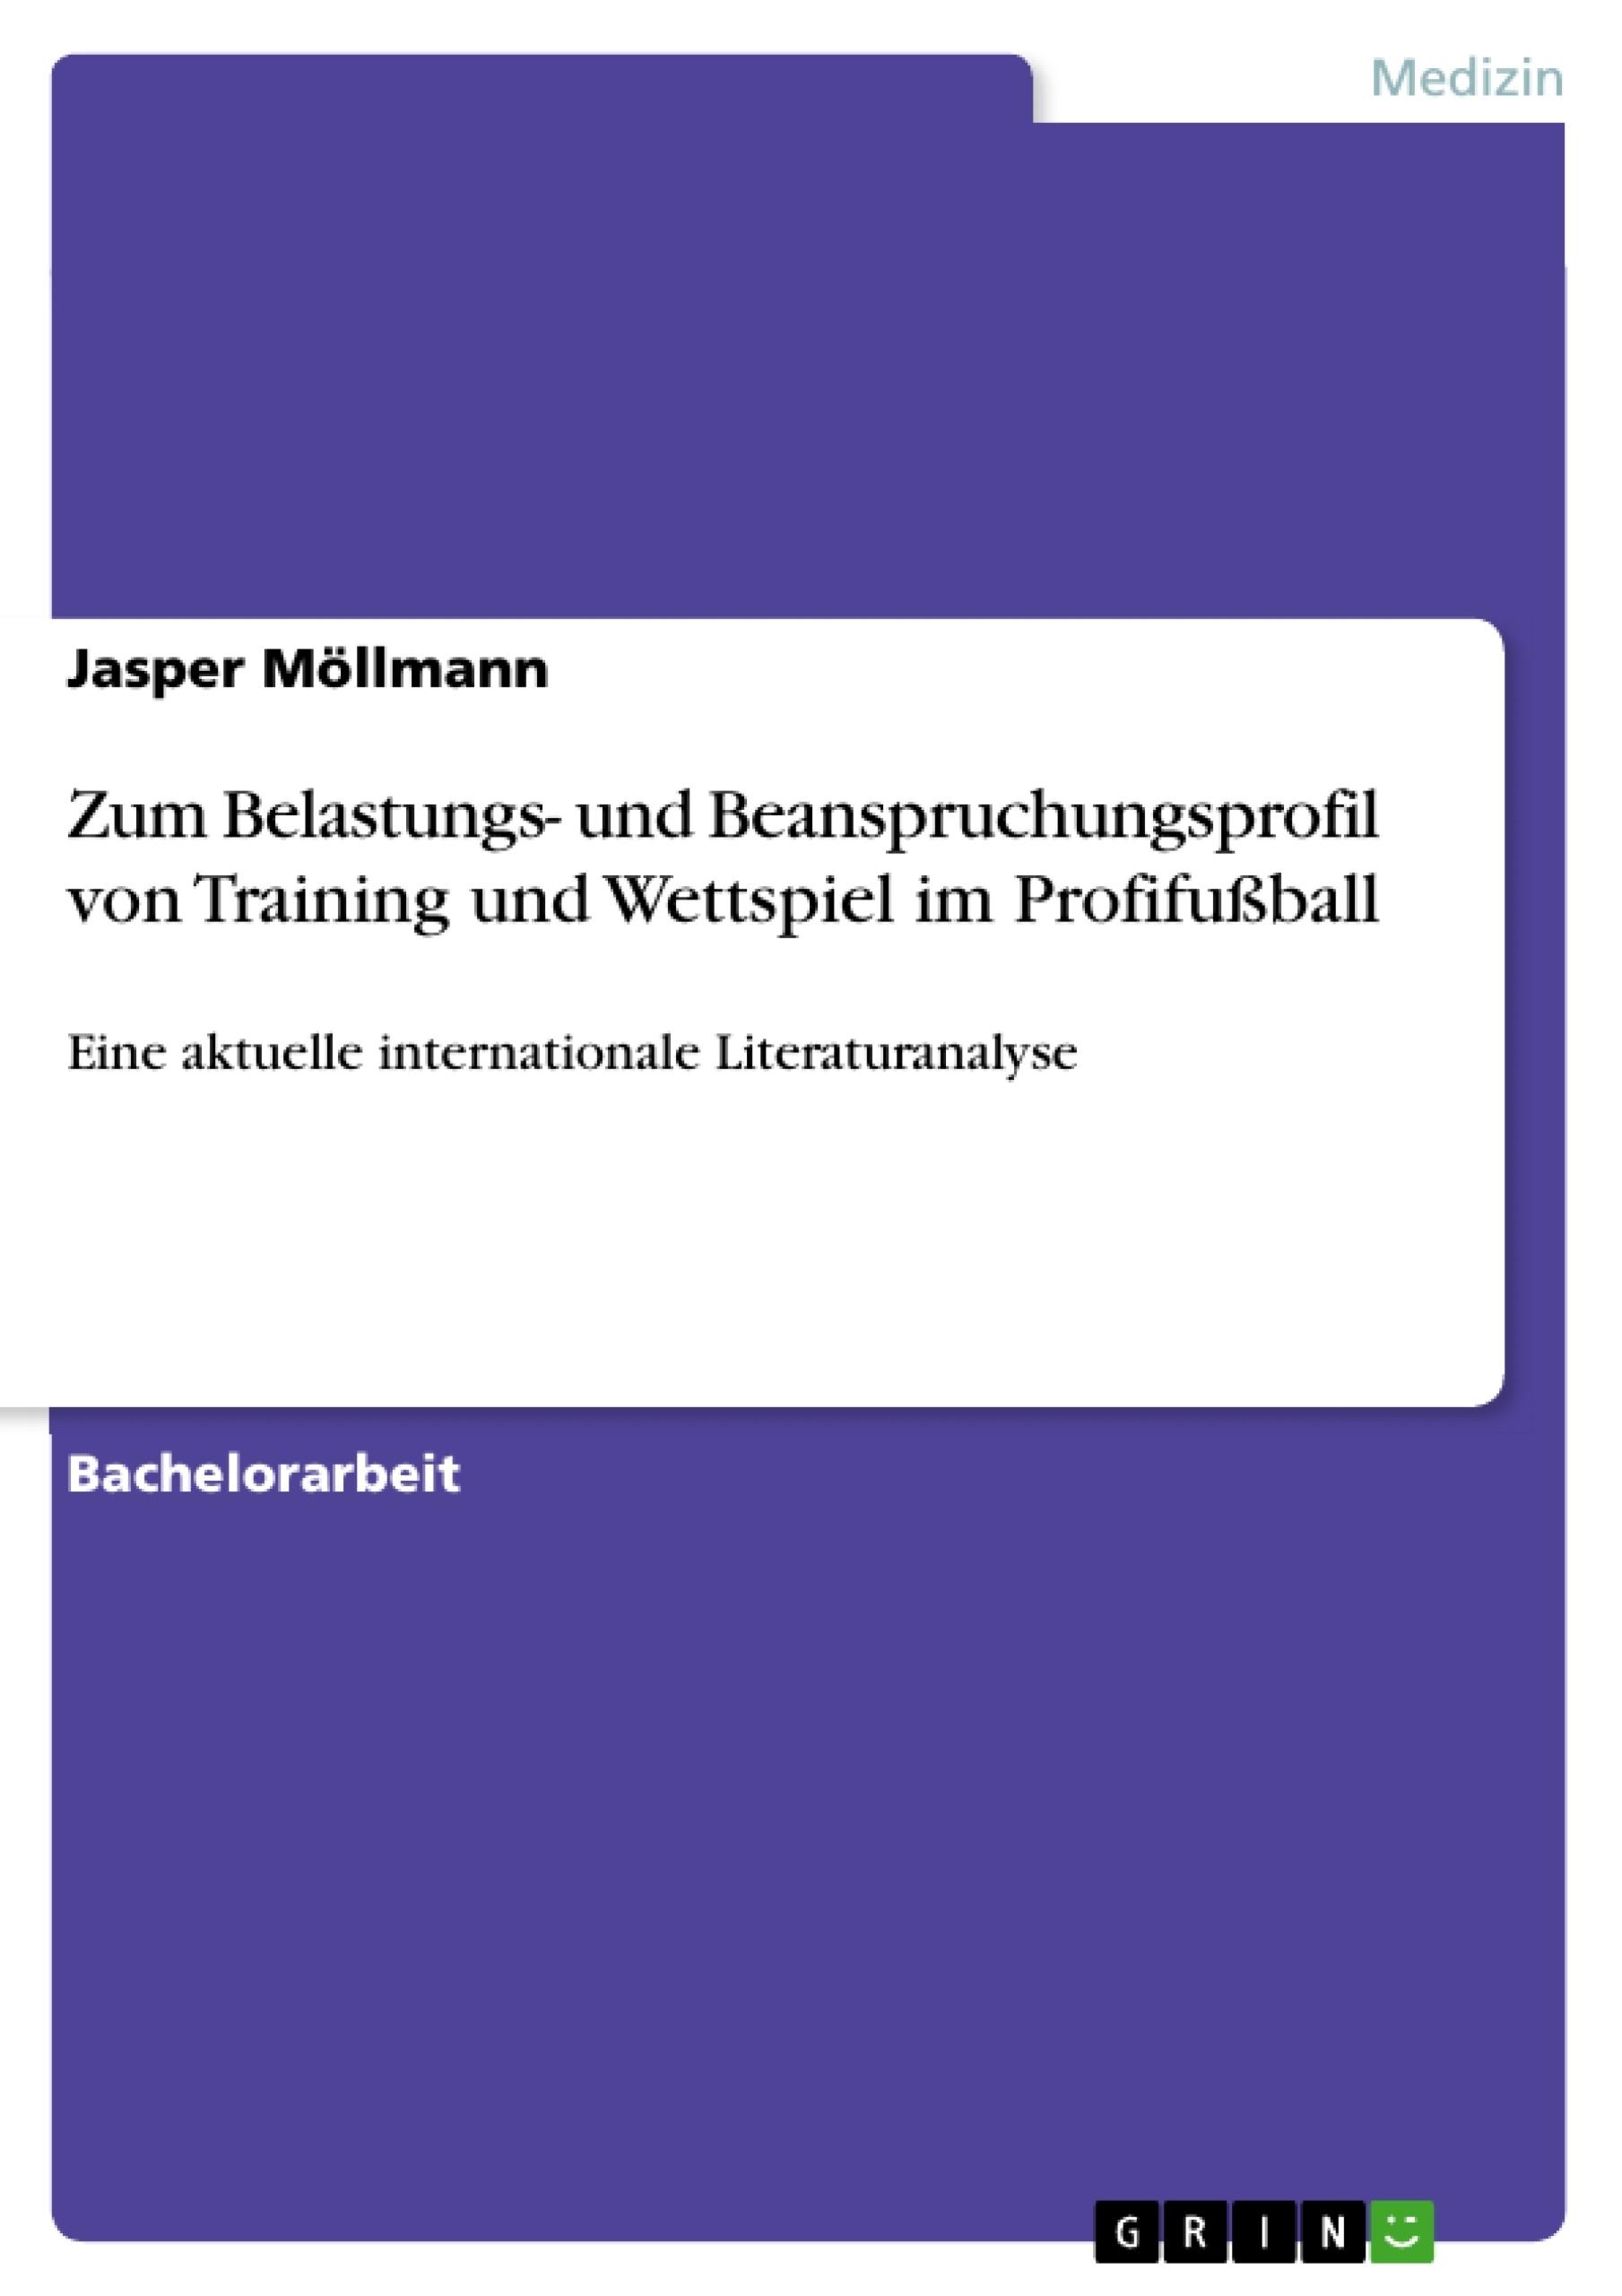 Titel: Zum Belastungs- und Beanspruchungsprofil von Training und Wettspiel im Profifußball